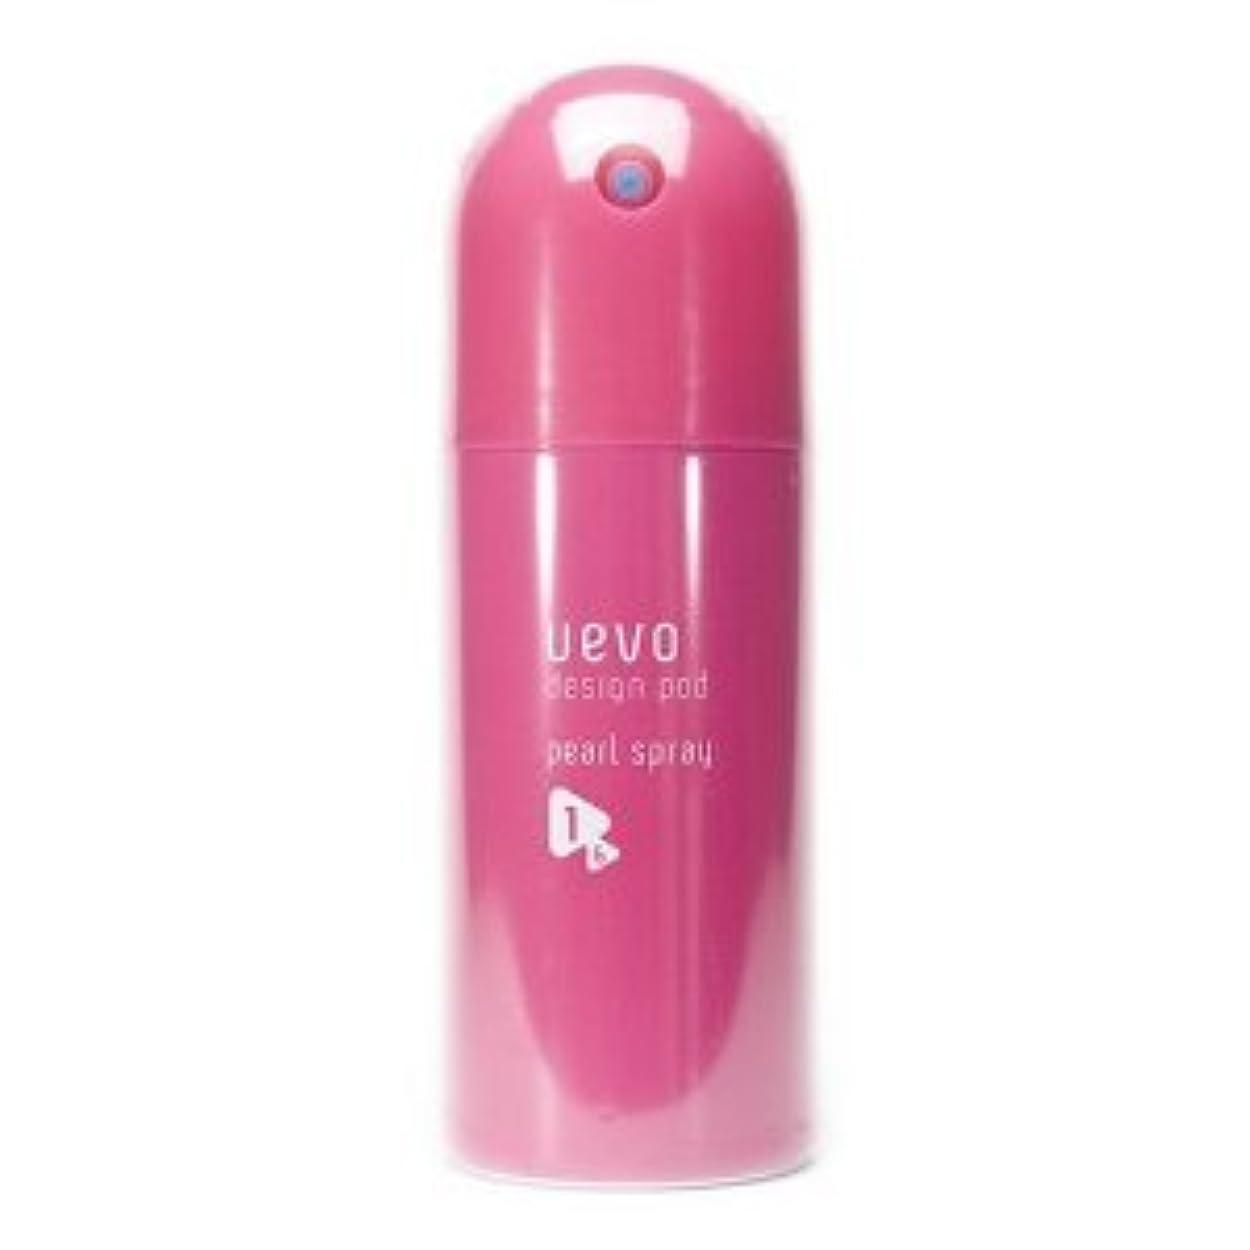 許可ディレイ対【X4個セット】 デミ ウェーボ デザインポッド パールスプレー 220ml pearl spray DEMI uevo design pod